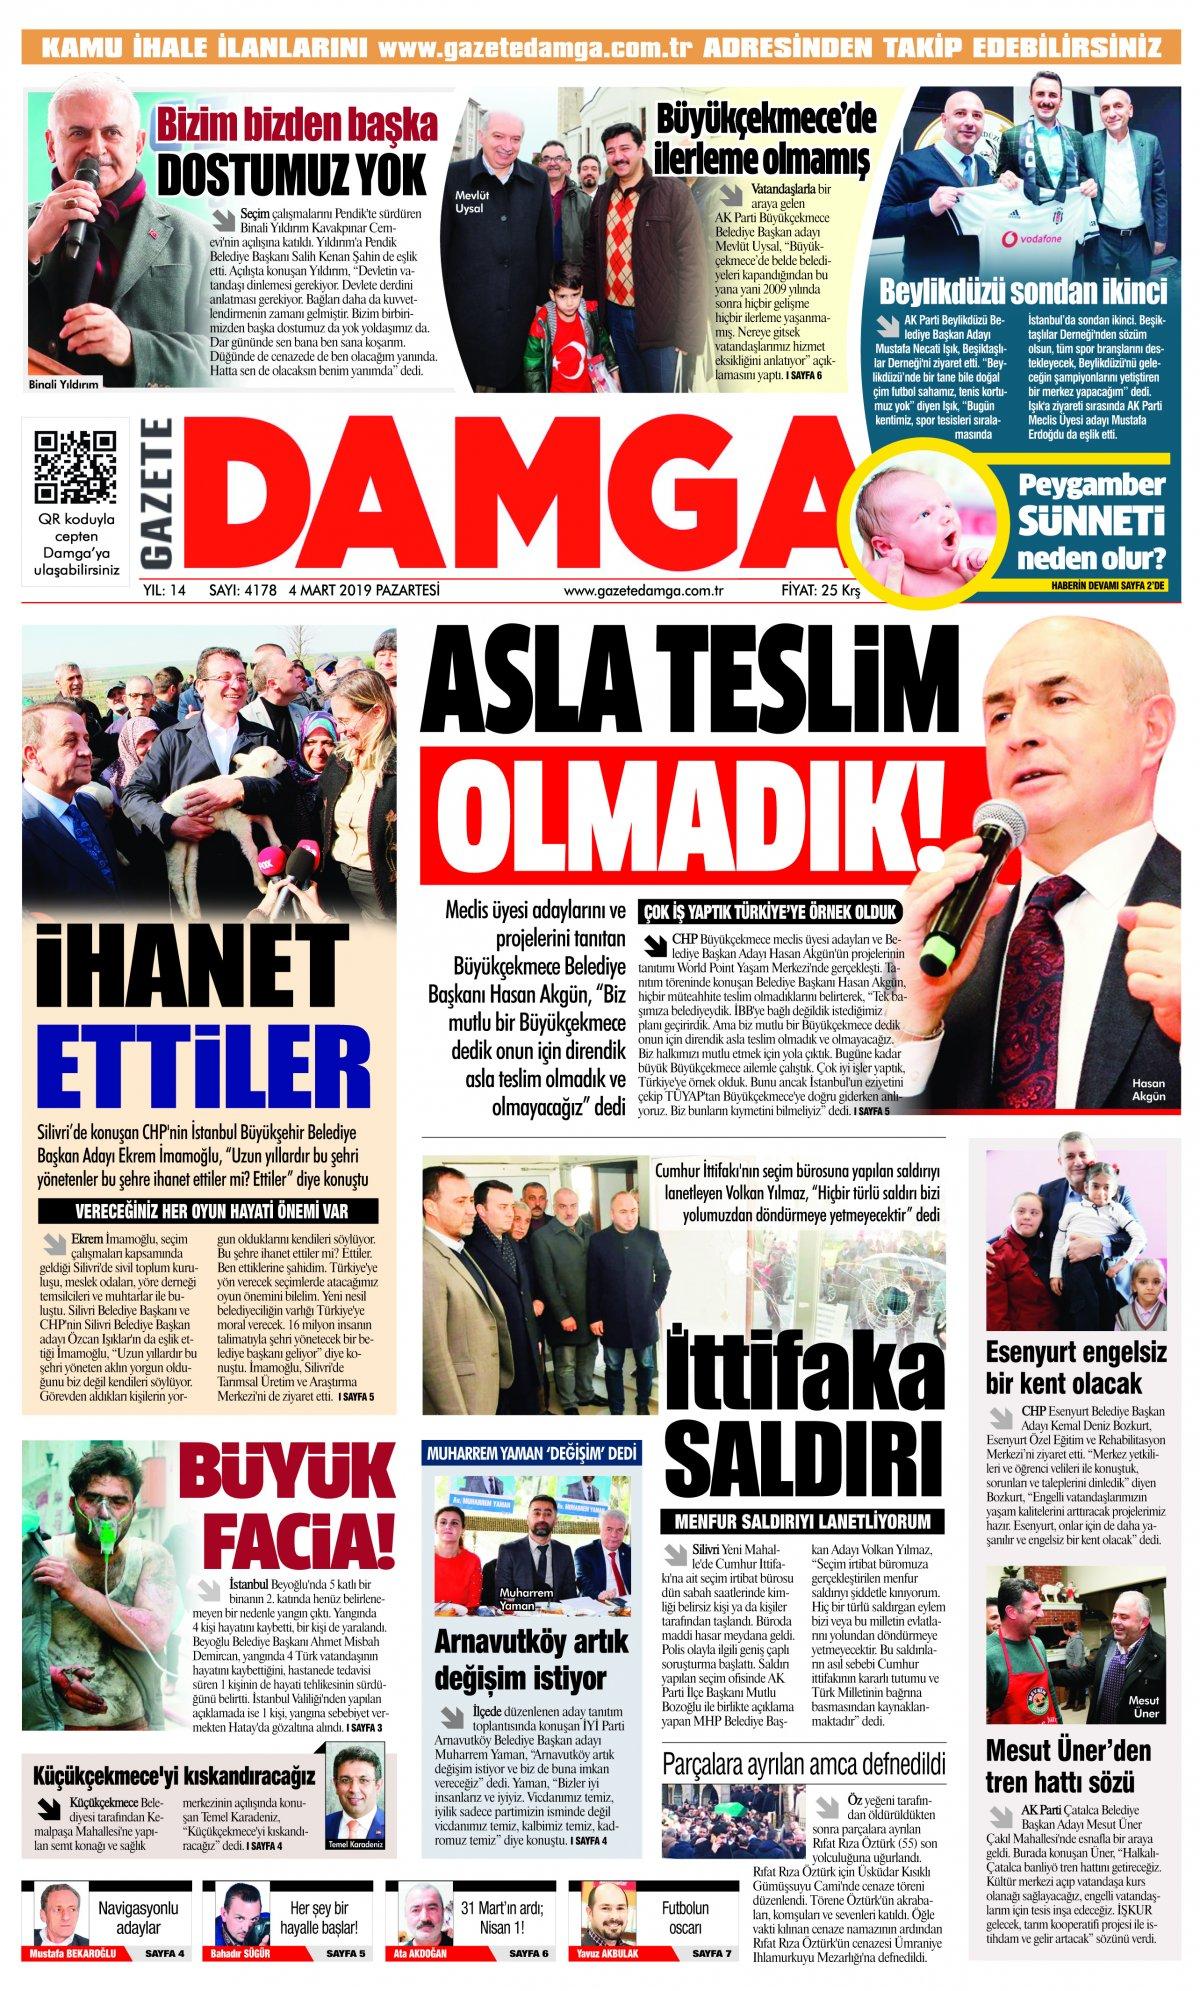 Gazete Damga - 04.03.2019 Sayfaları